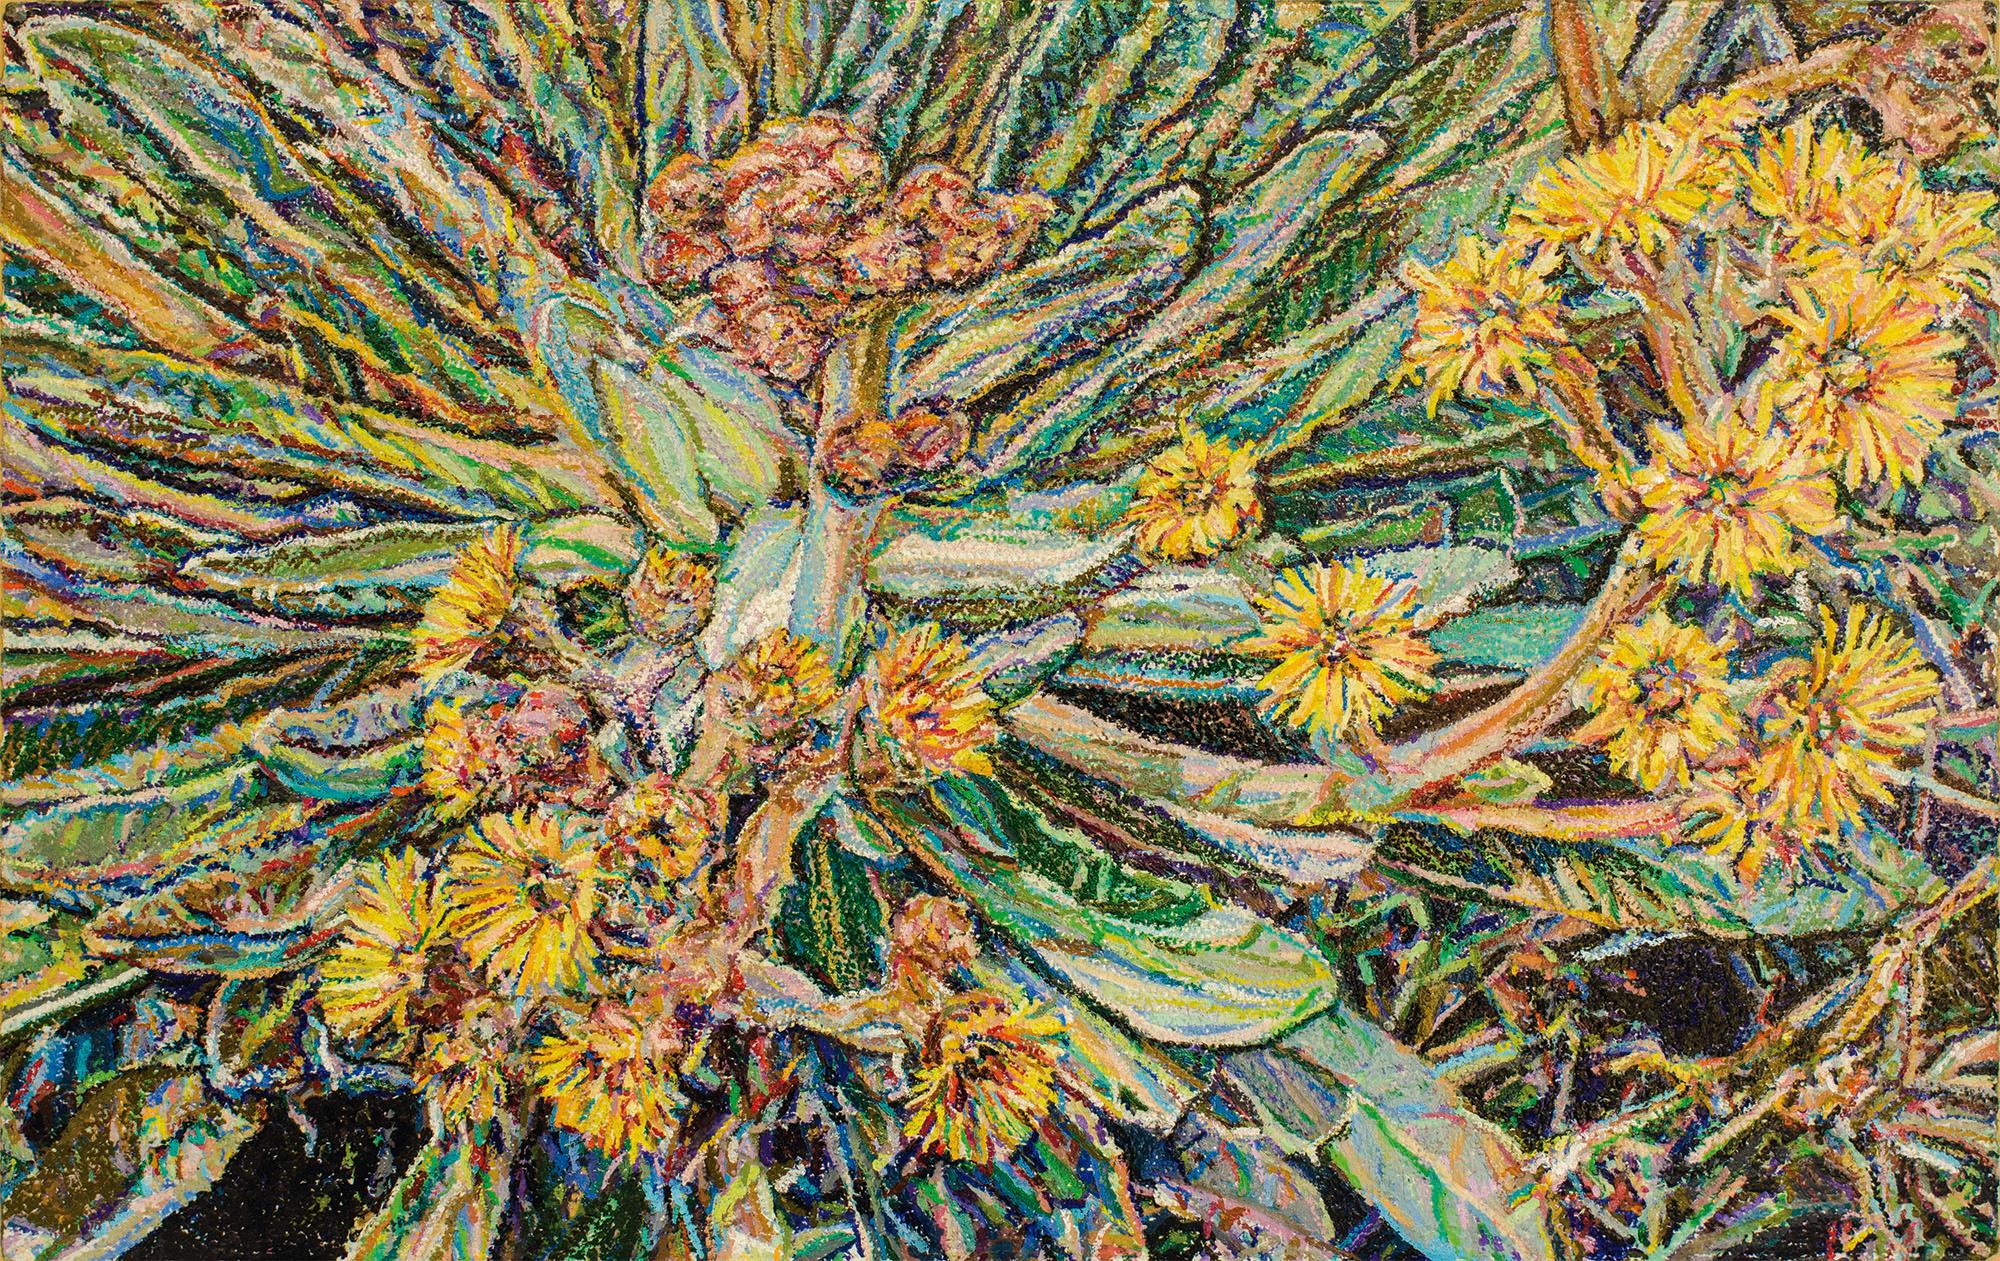 Frailéjon en flor #7